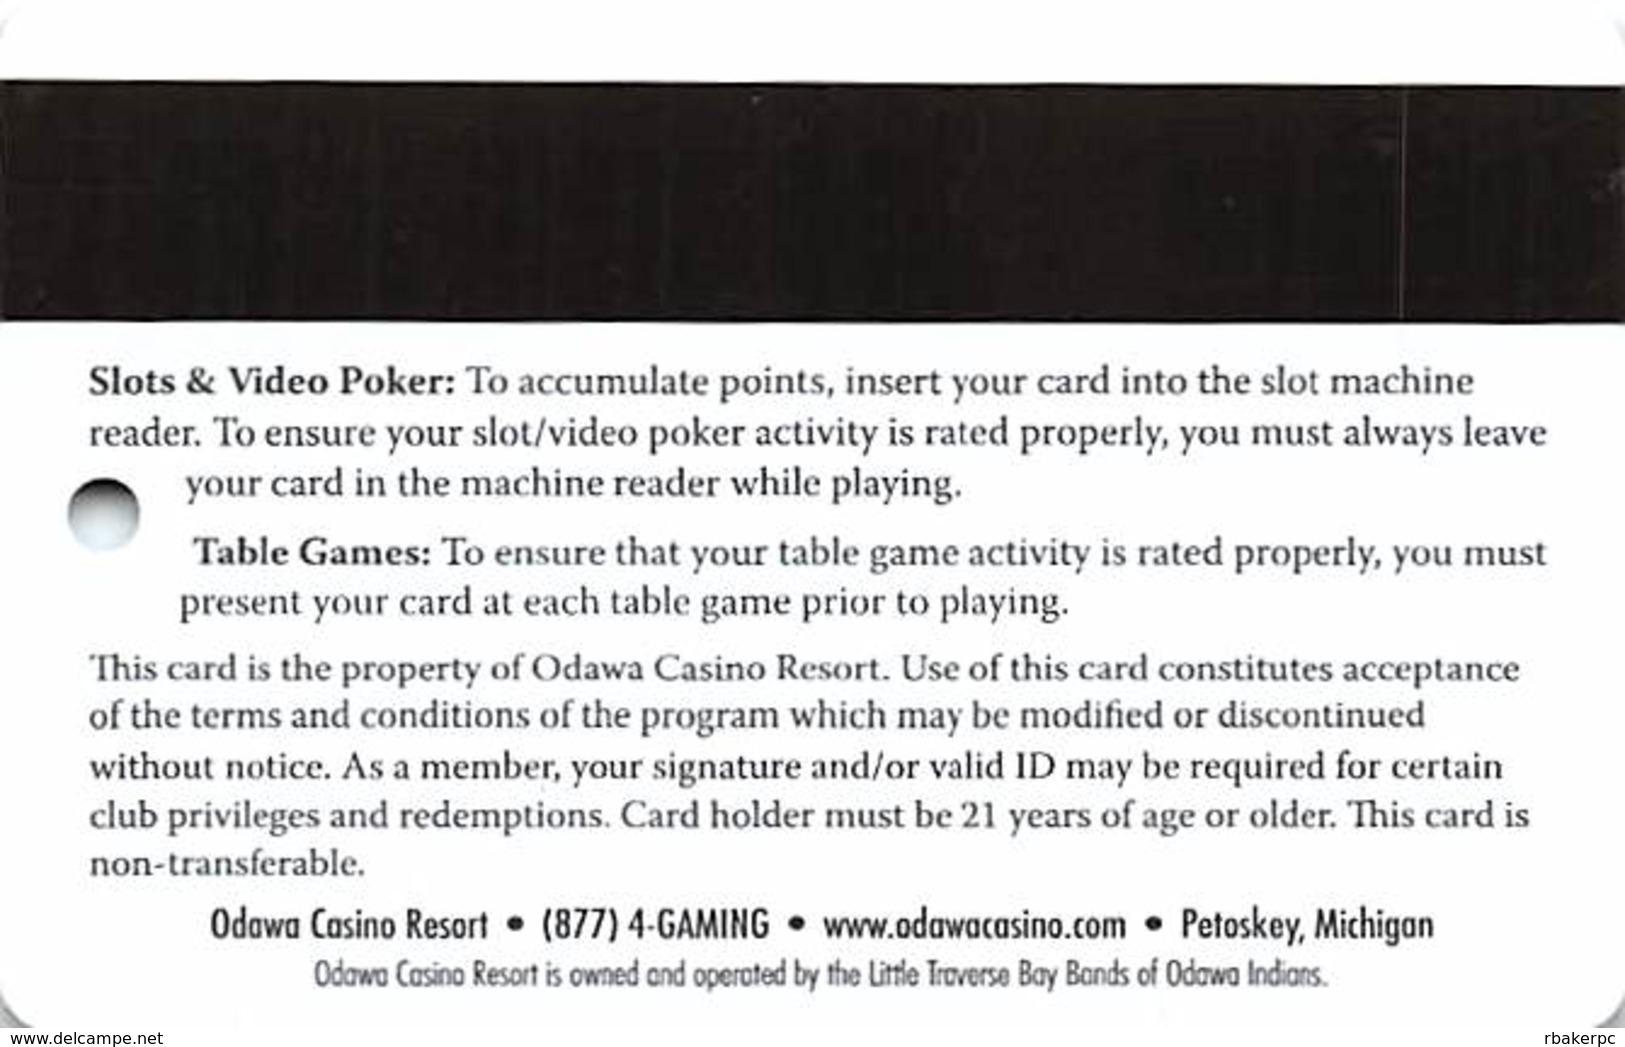 Odawa Casino Petoskey, MI - Slot Card - Casino Cards